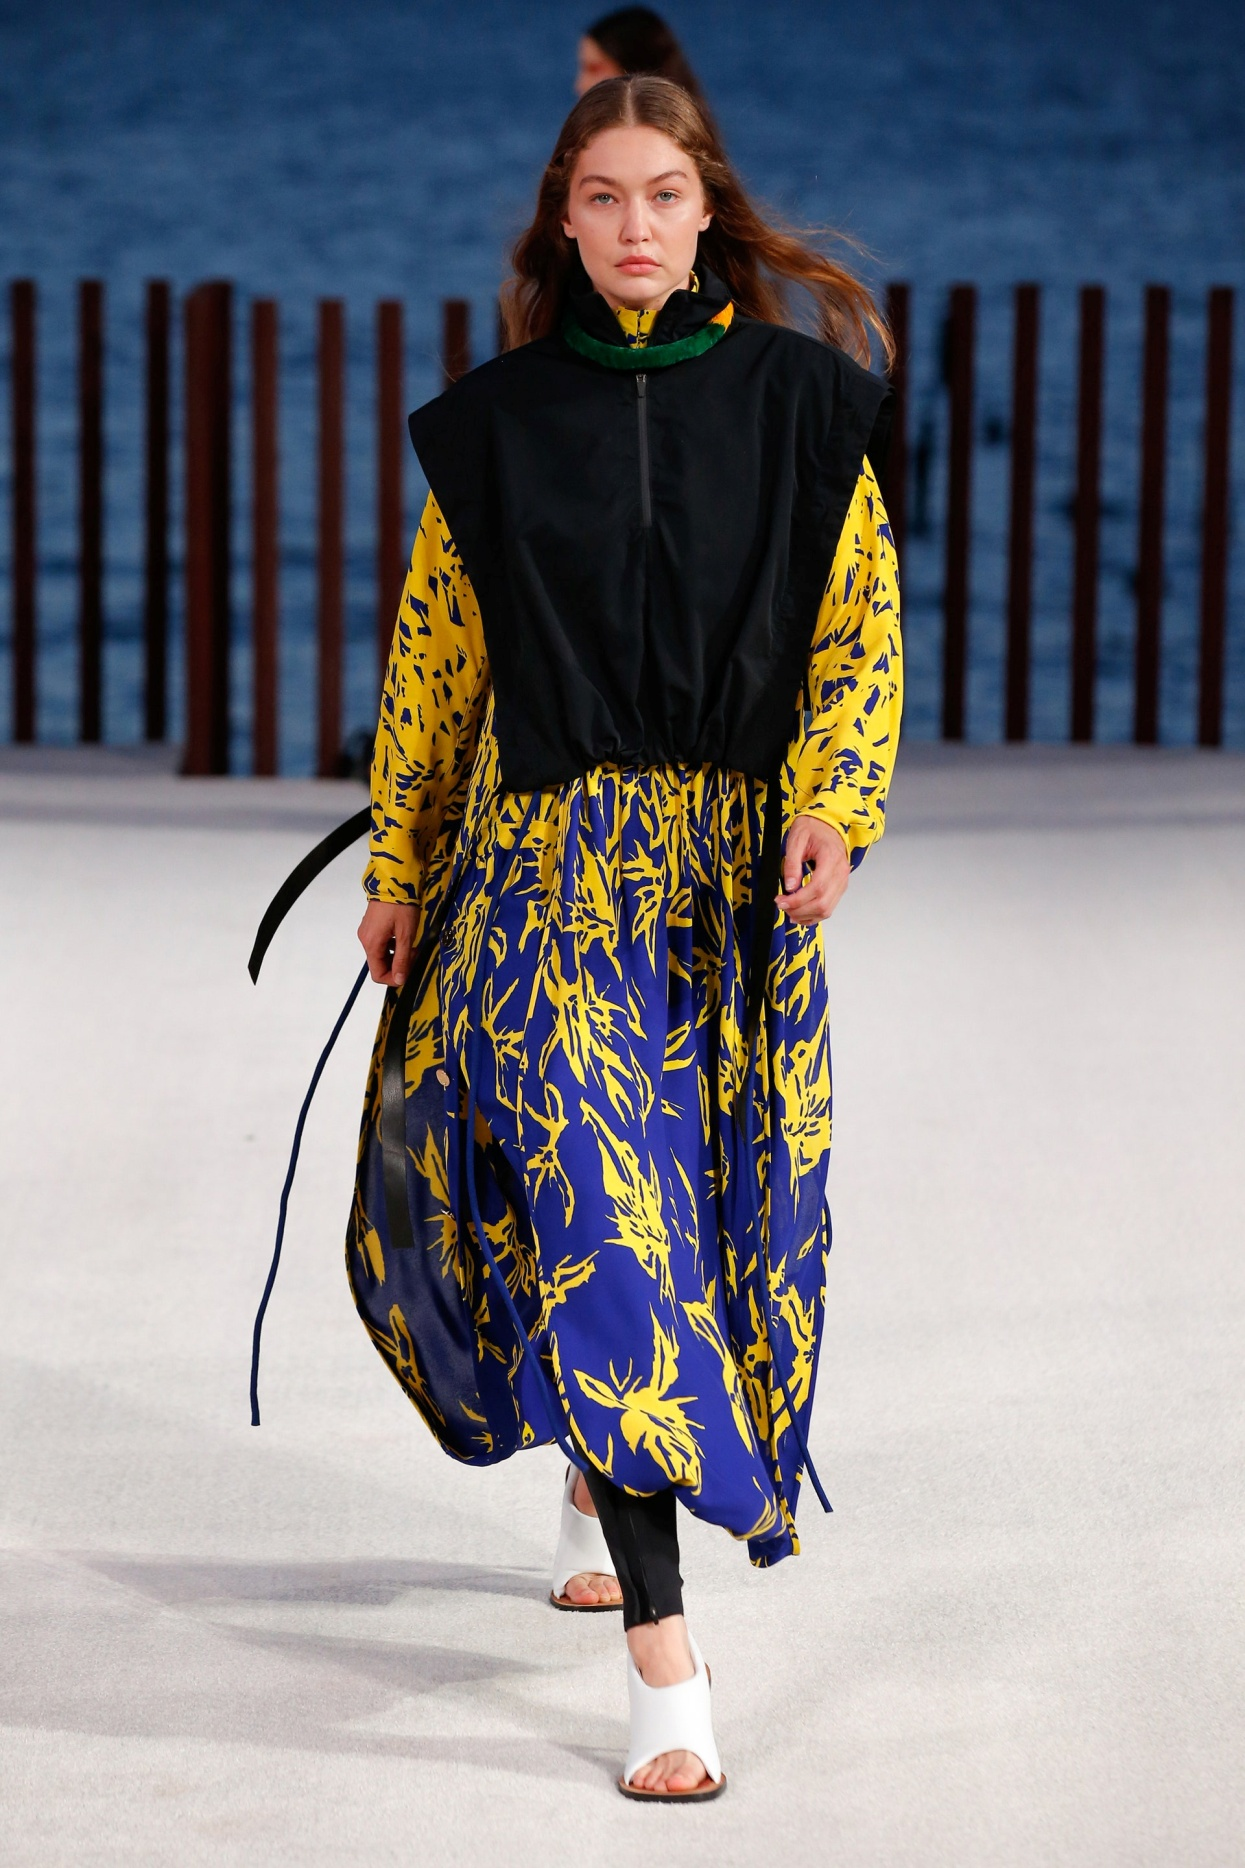 NYFW 9-21 ProS blk vest stripe skirt.jpg